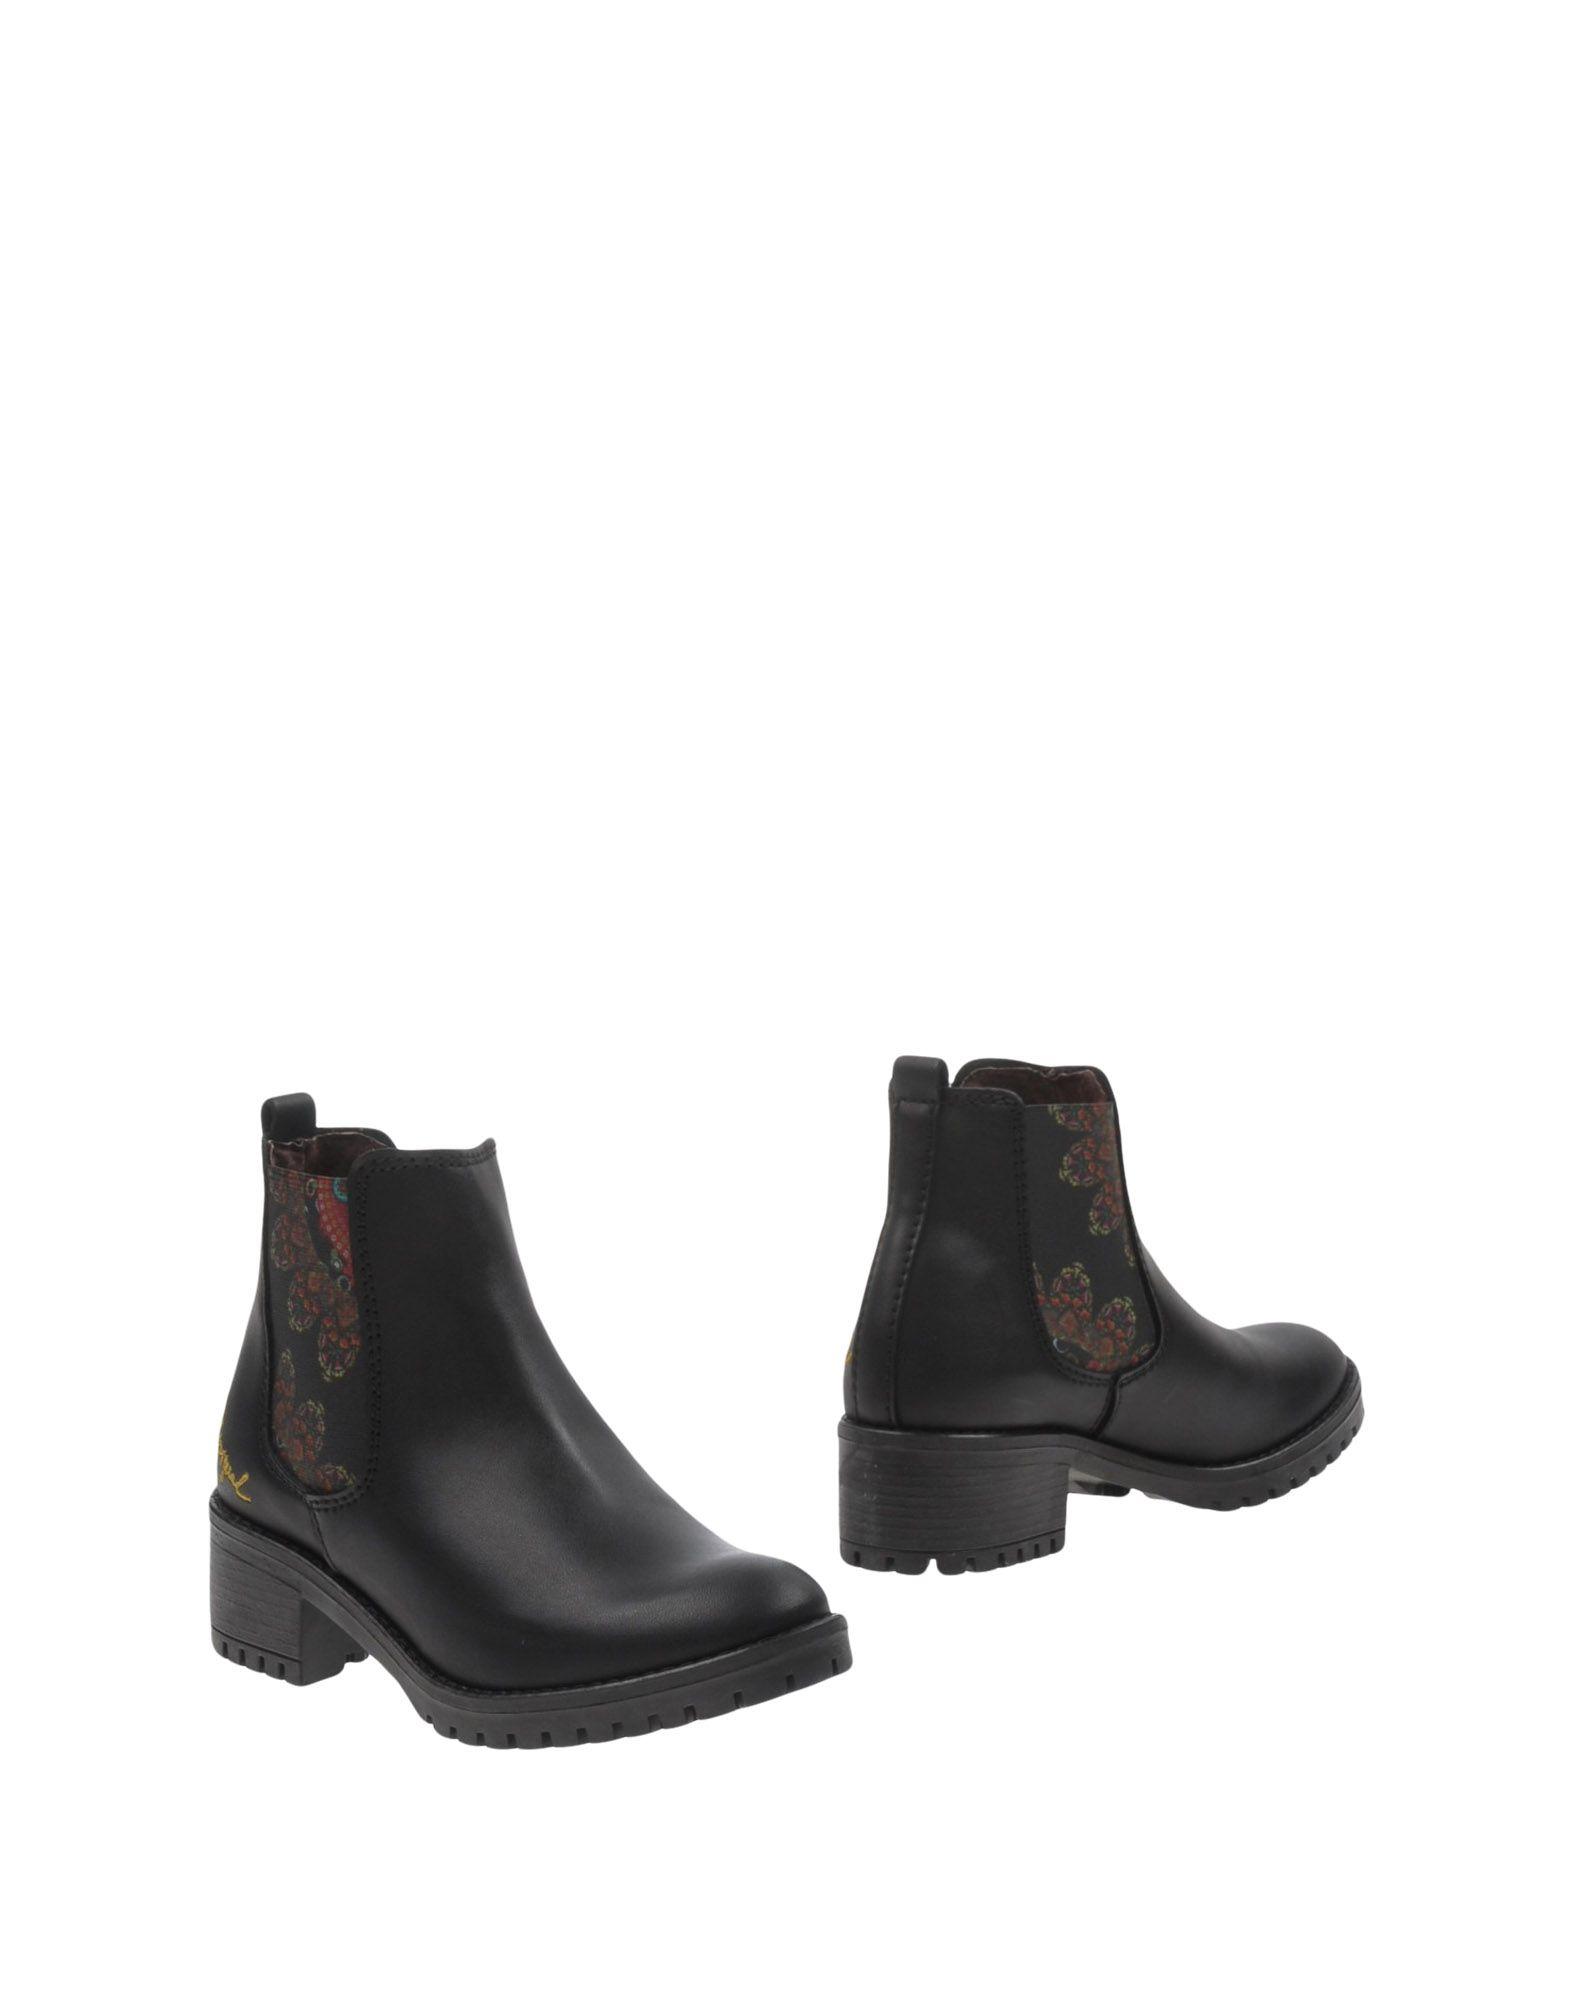 《期間限定セール中》DESIGUAL レディース ショートブーツ ブラック 39 紡績繊維